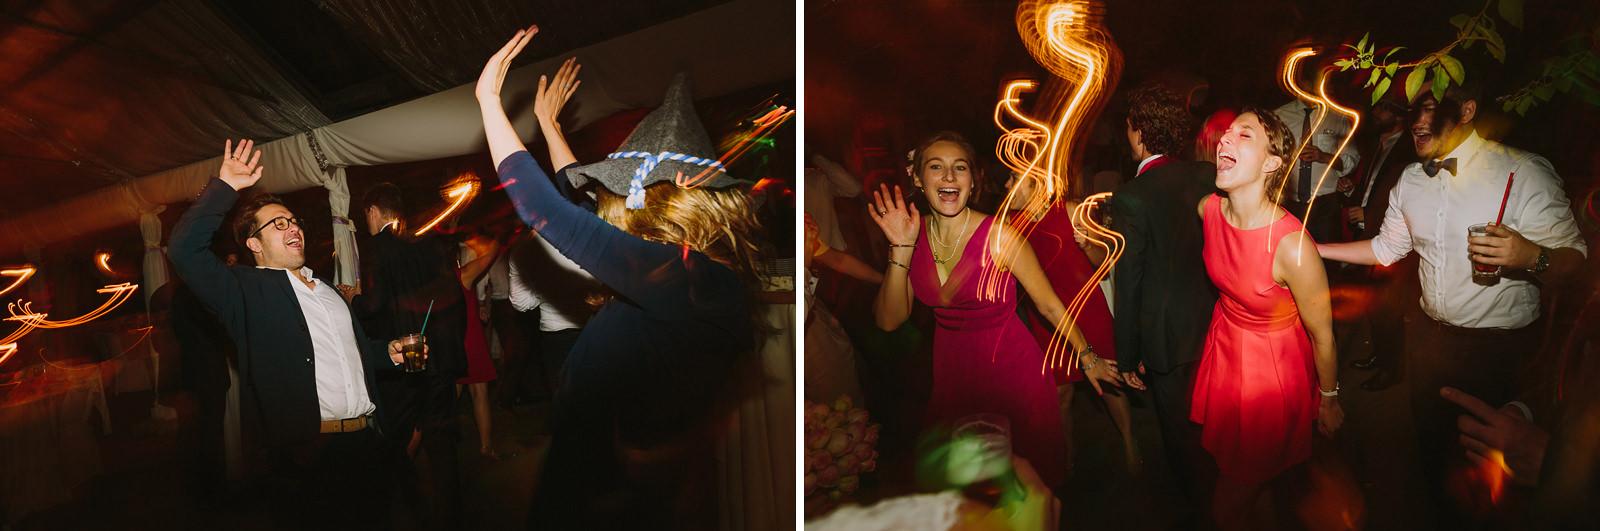 wedding dancefloor germany